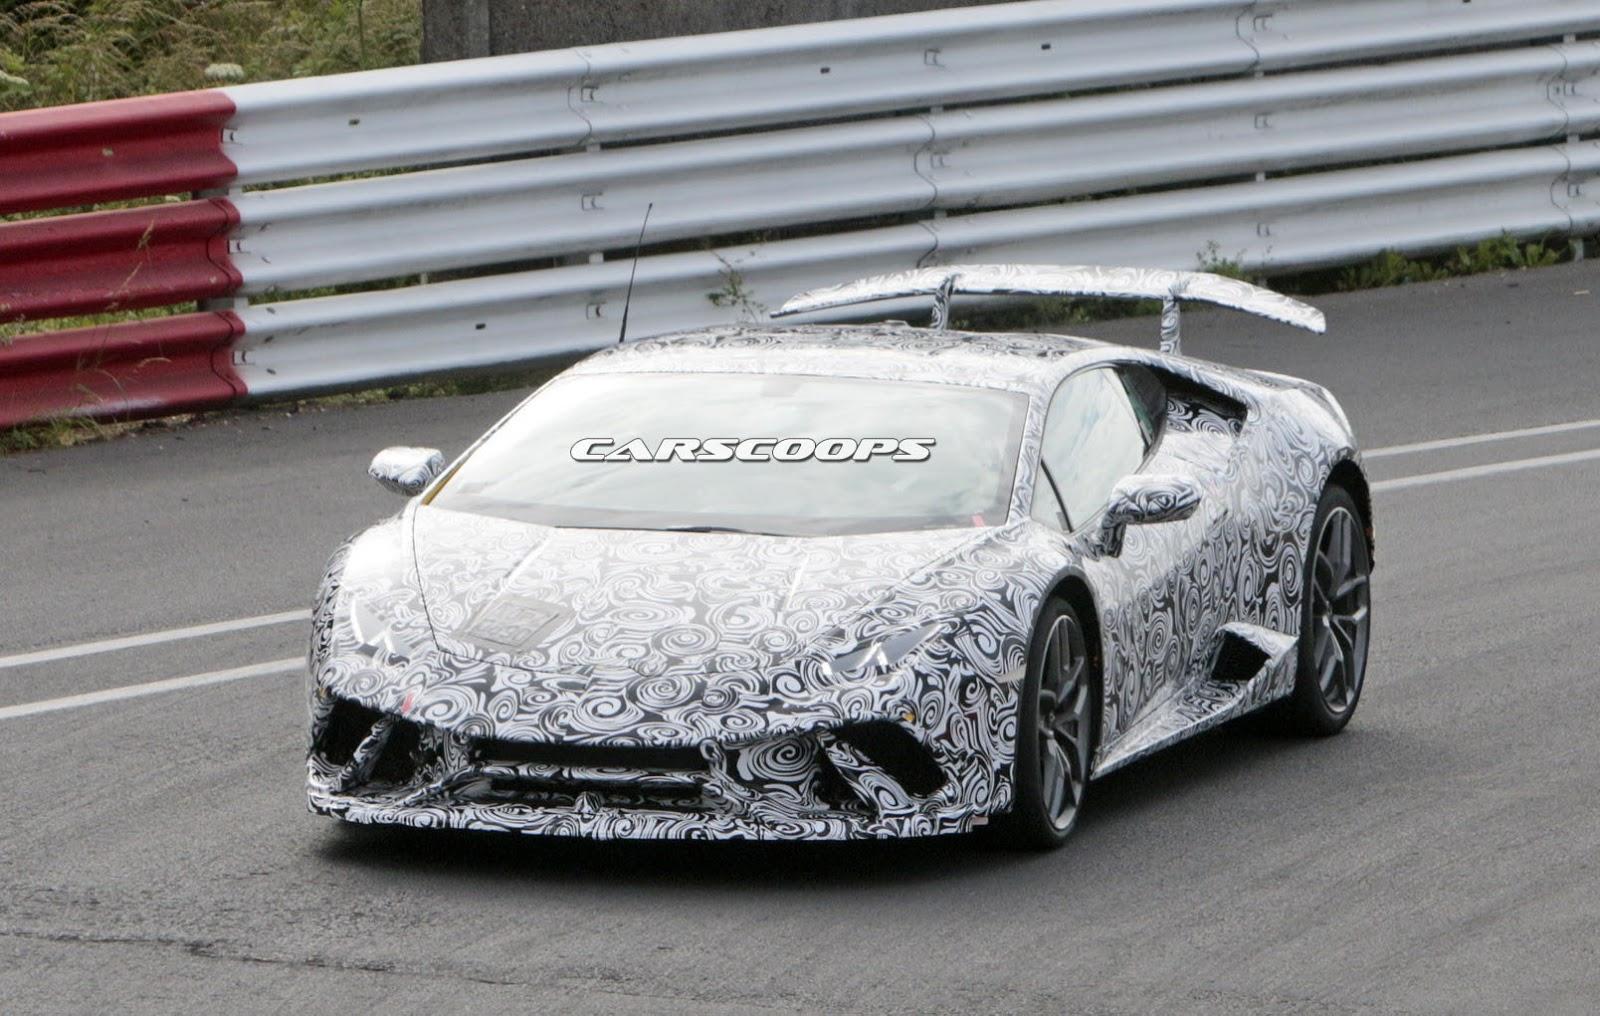 Lamborghini-Huracan-Superleggera-01.jpg